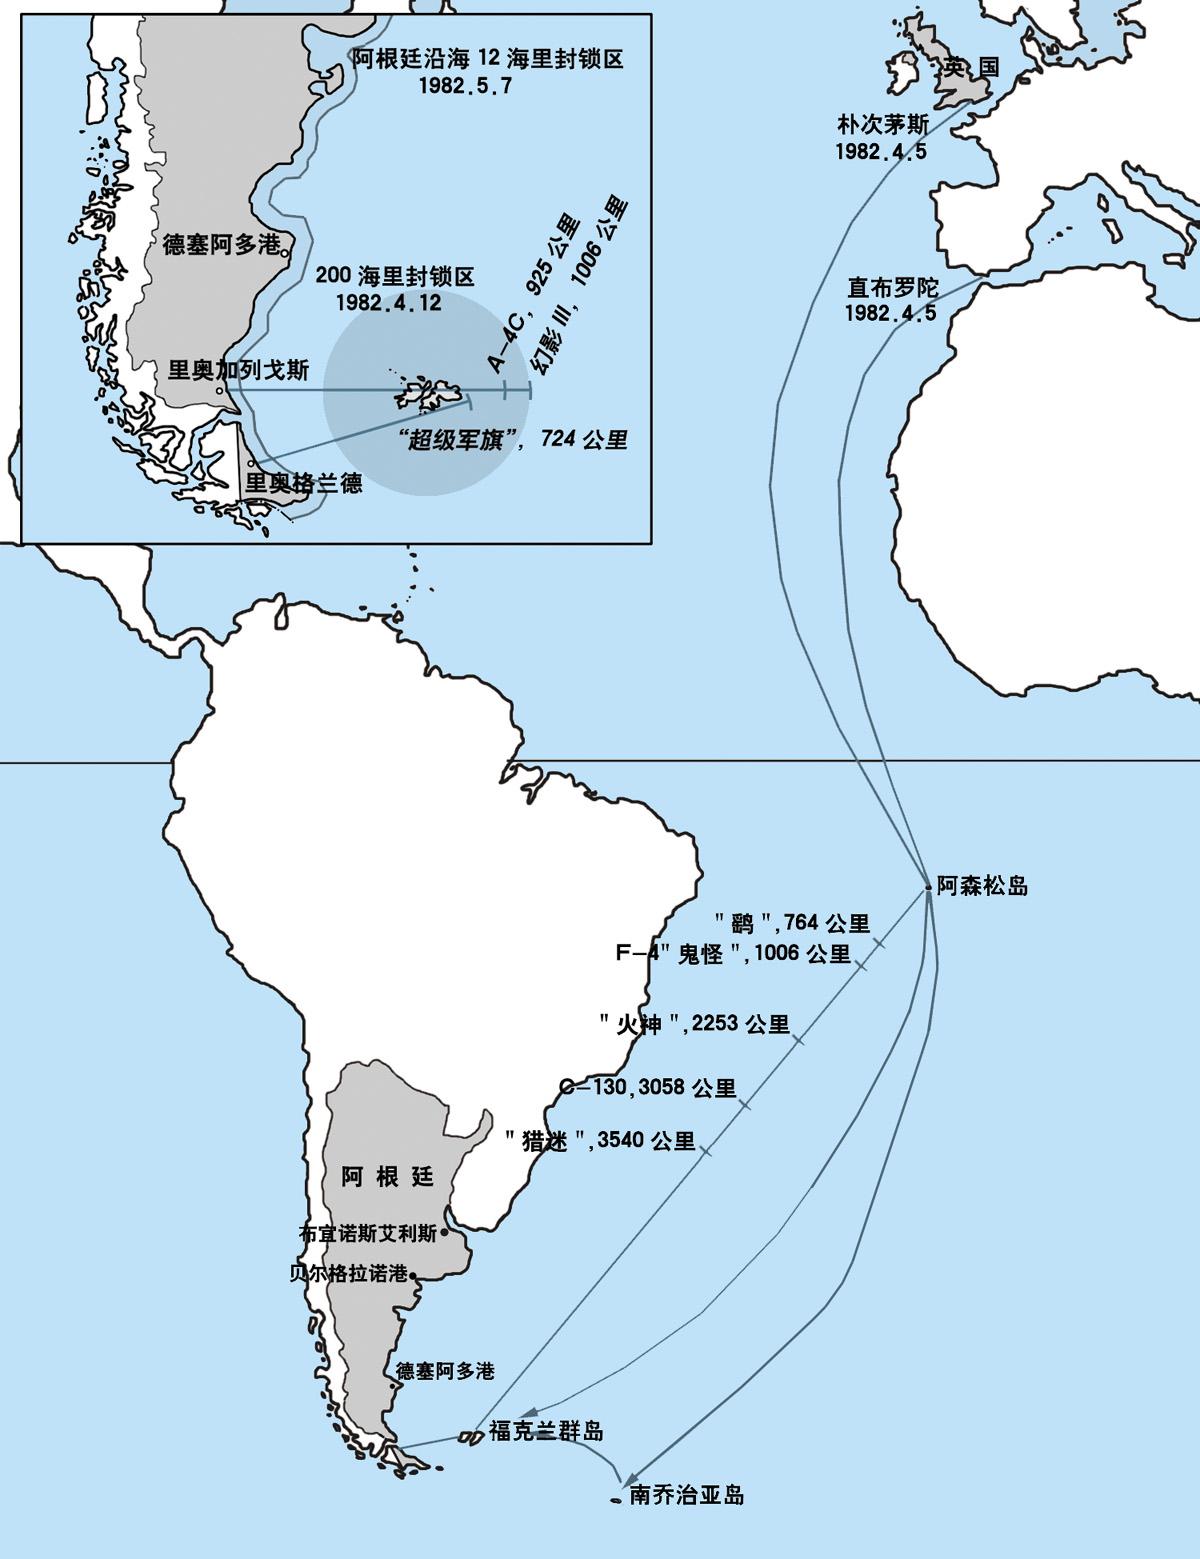 马岛战争结束